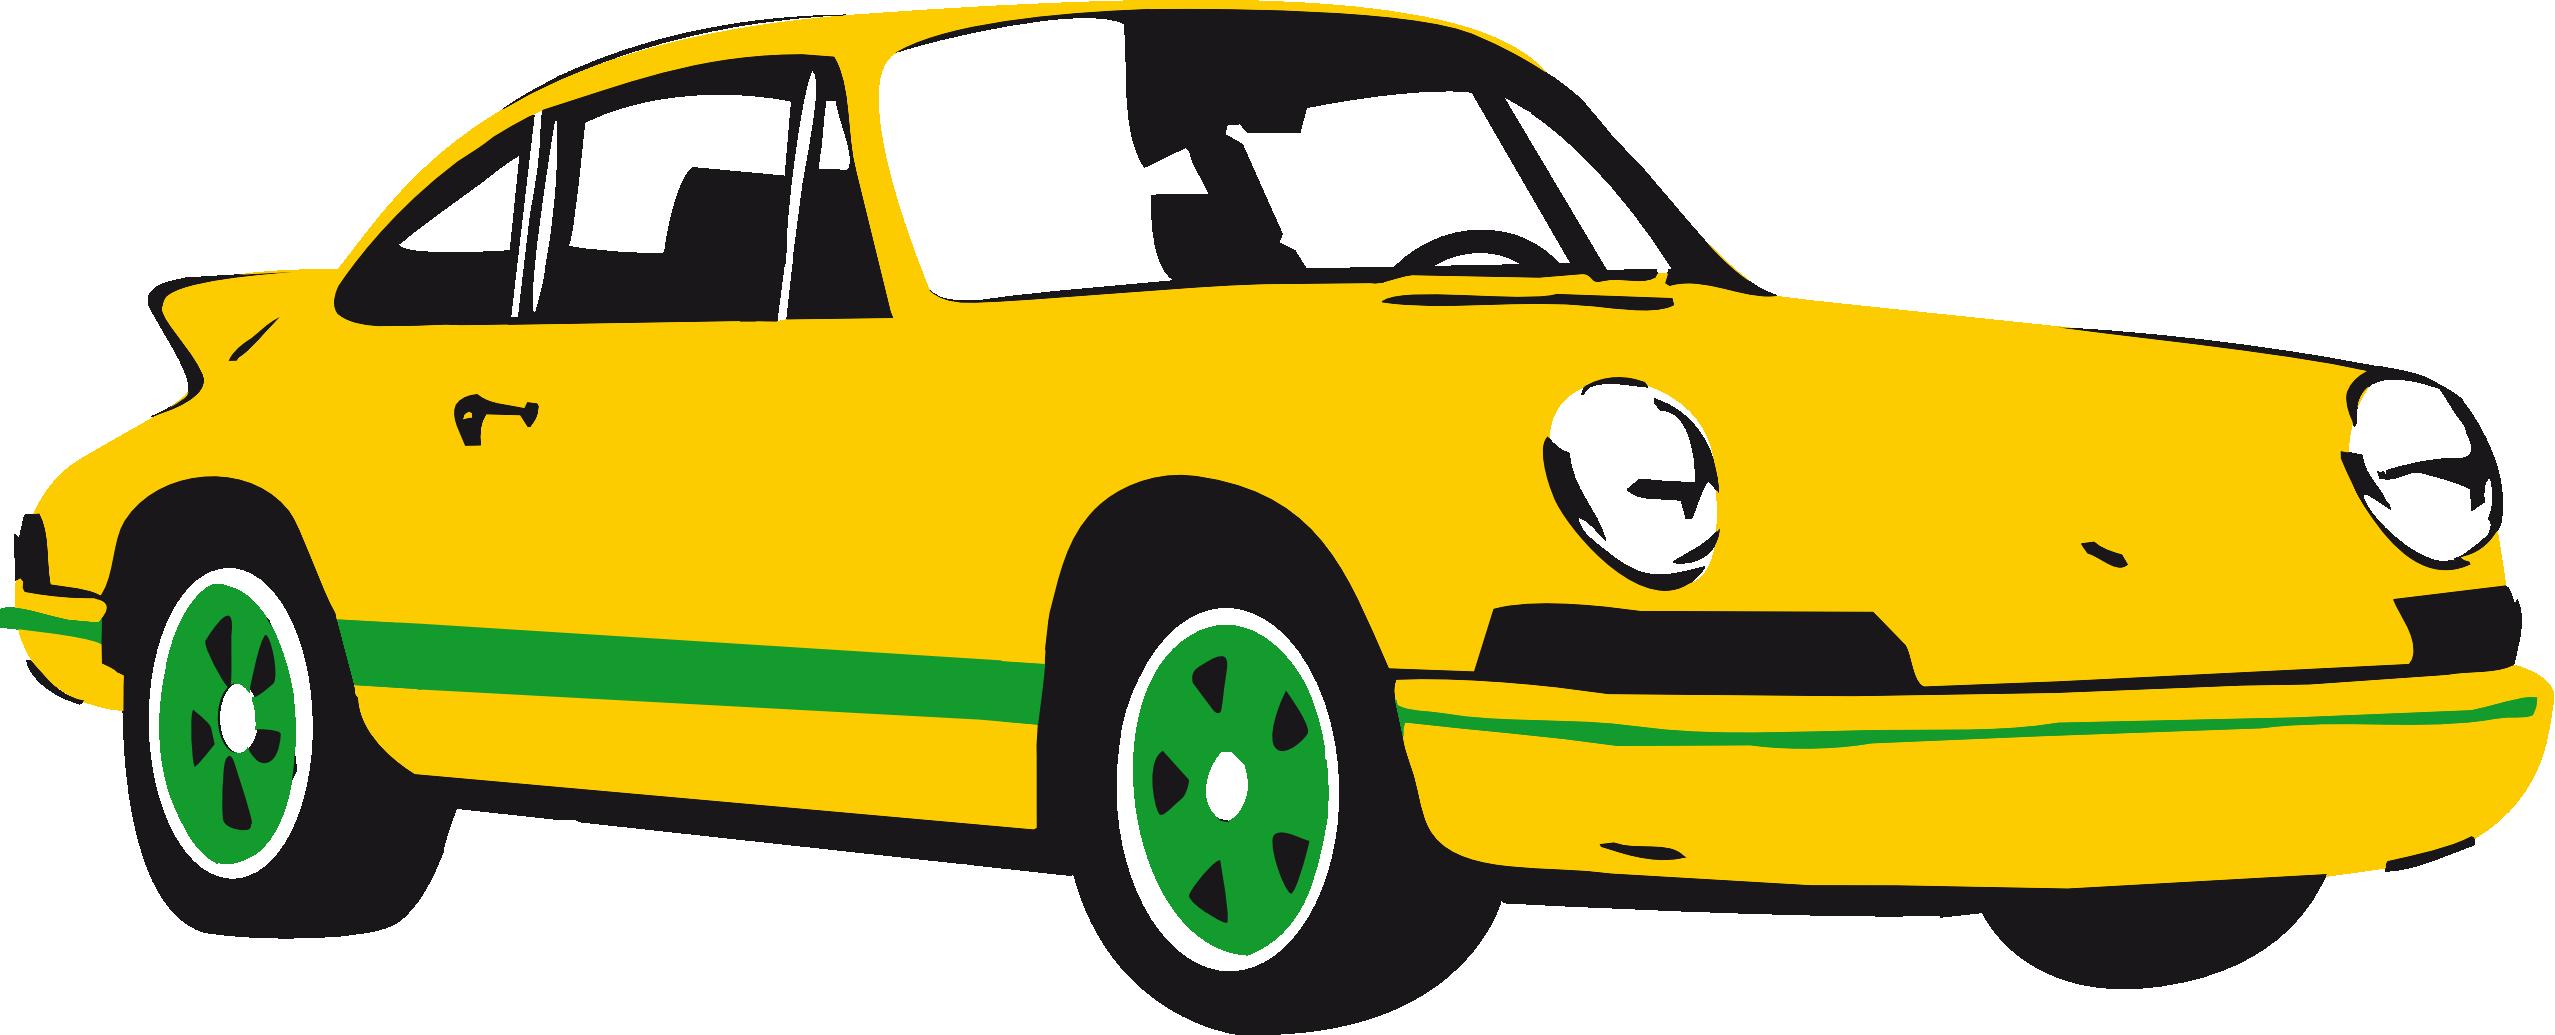 Co Car